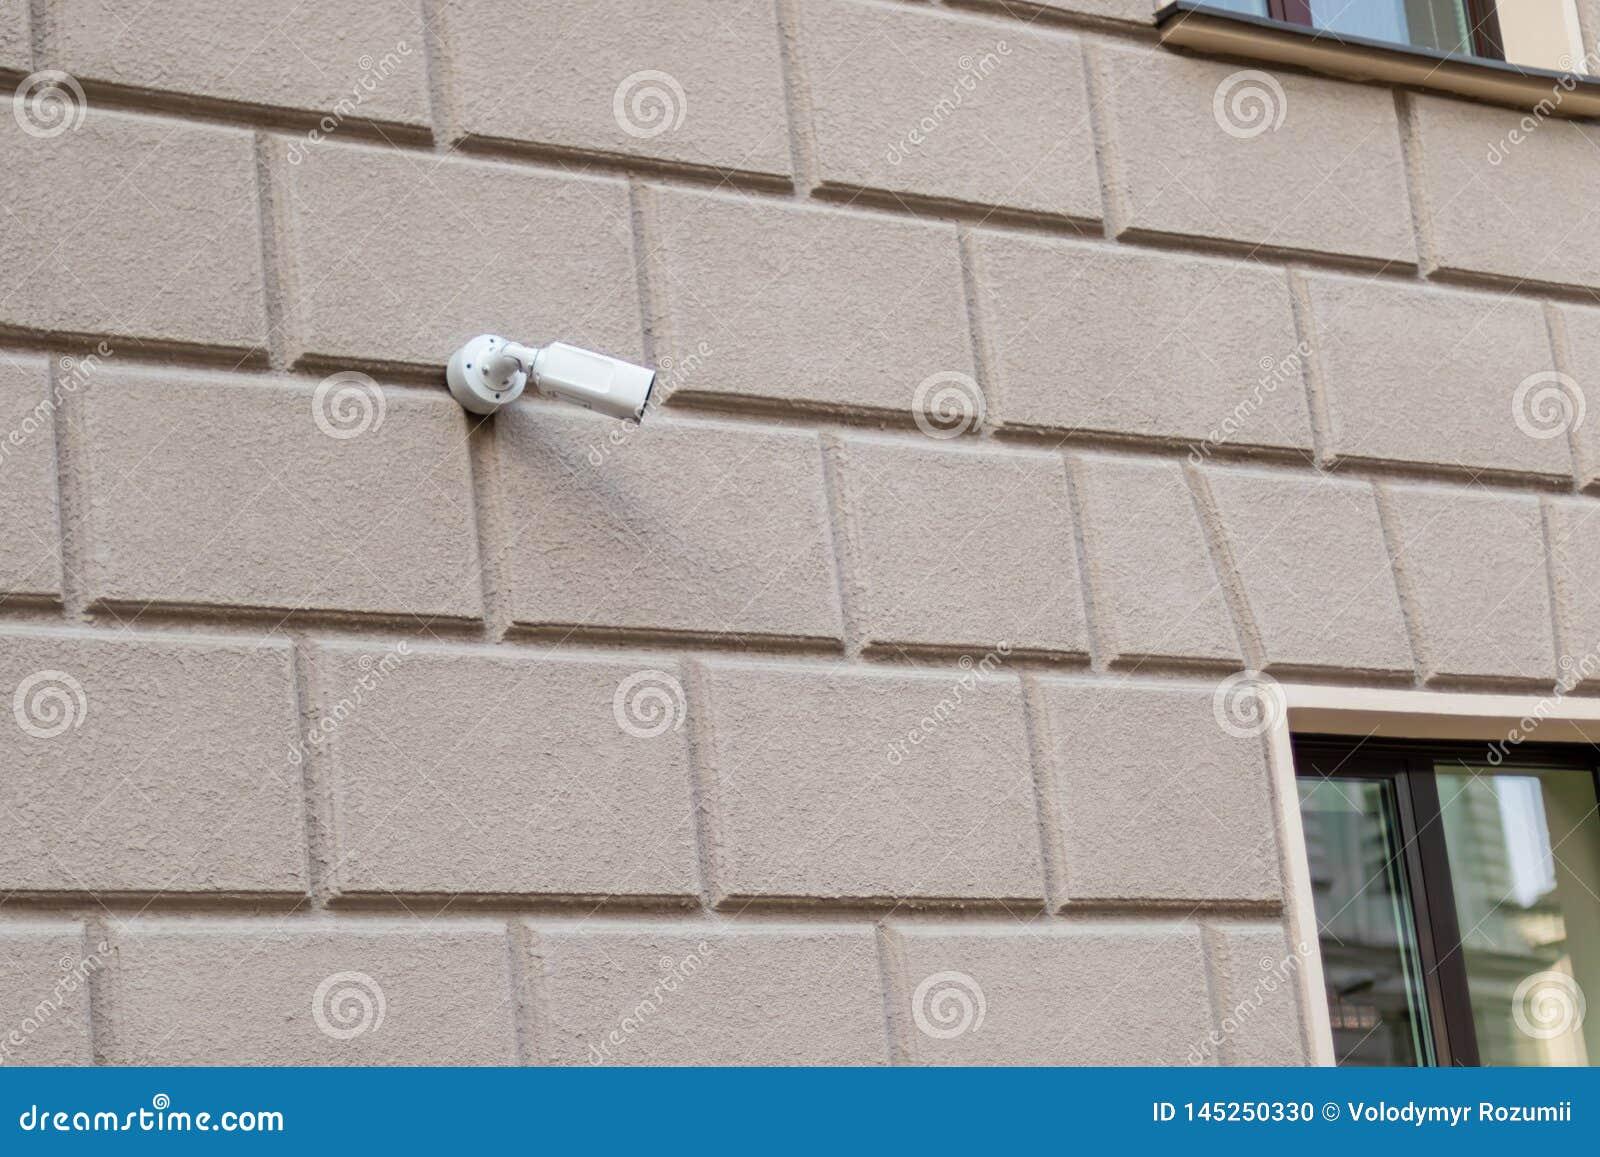 Wideo inwigilacji kamery kamera bezpieczeństwa na lokacji